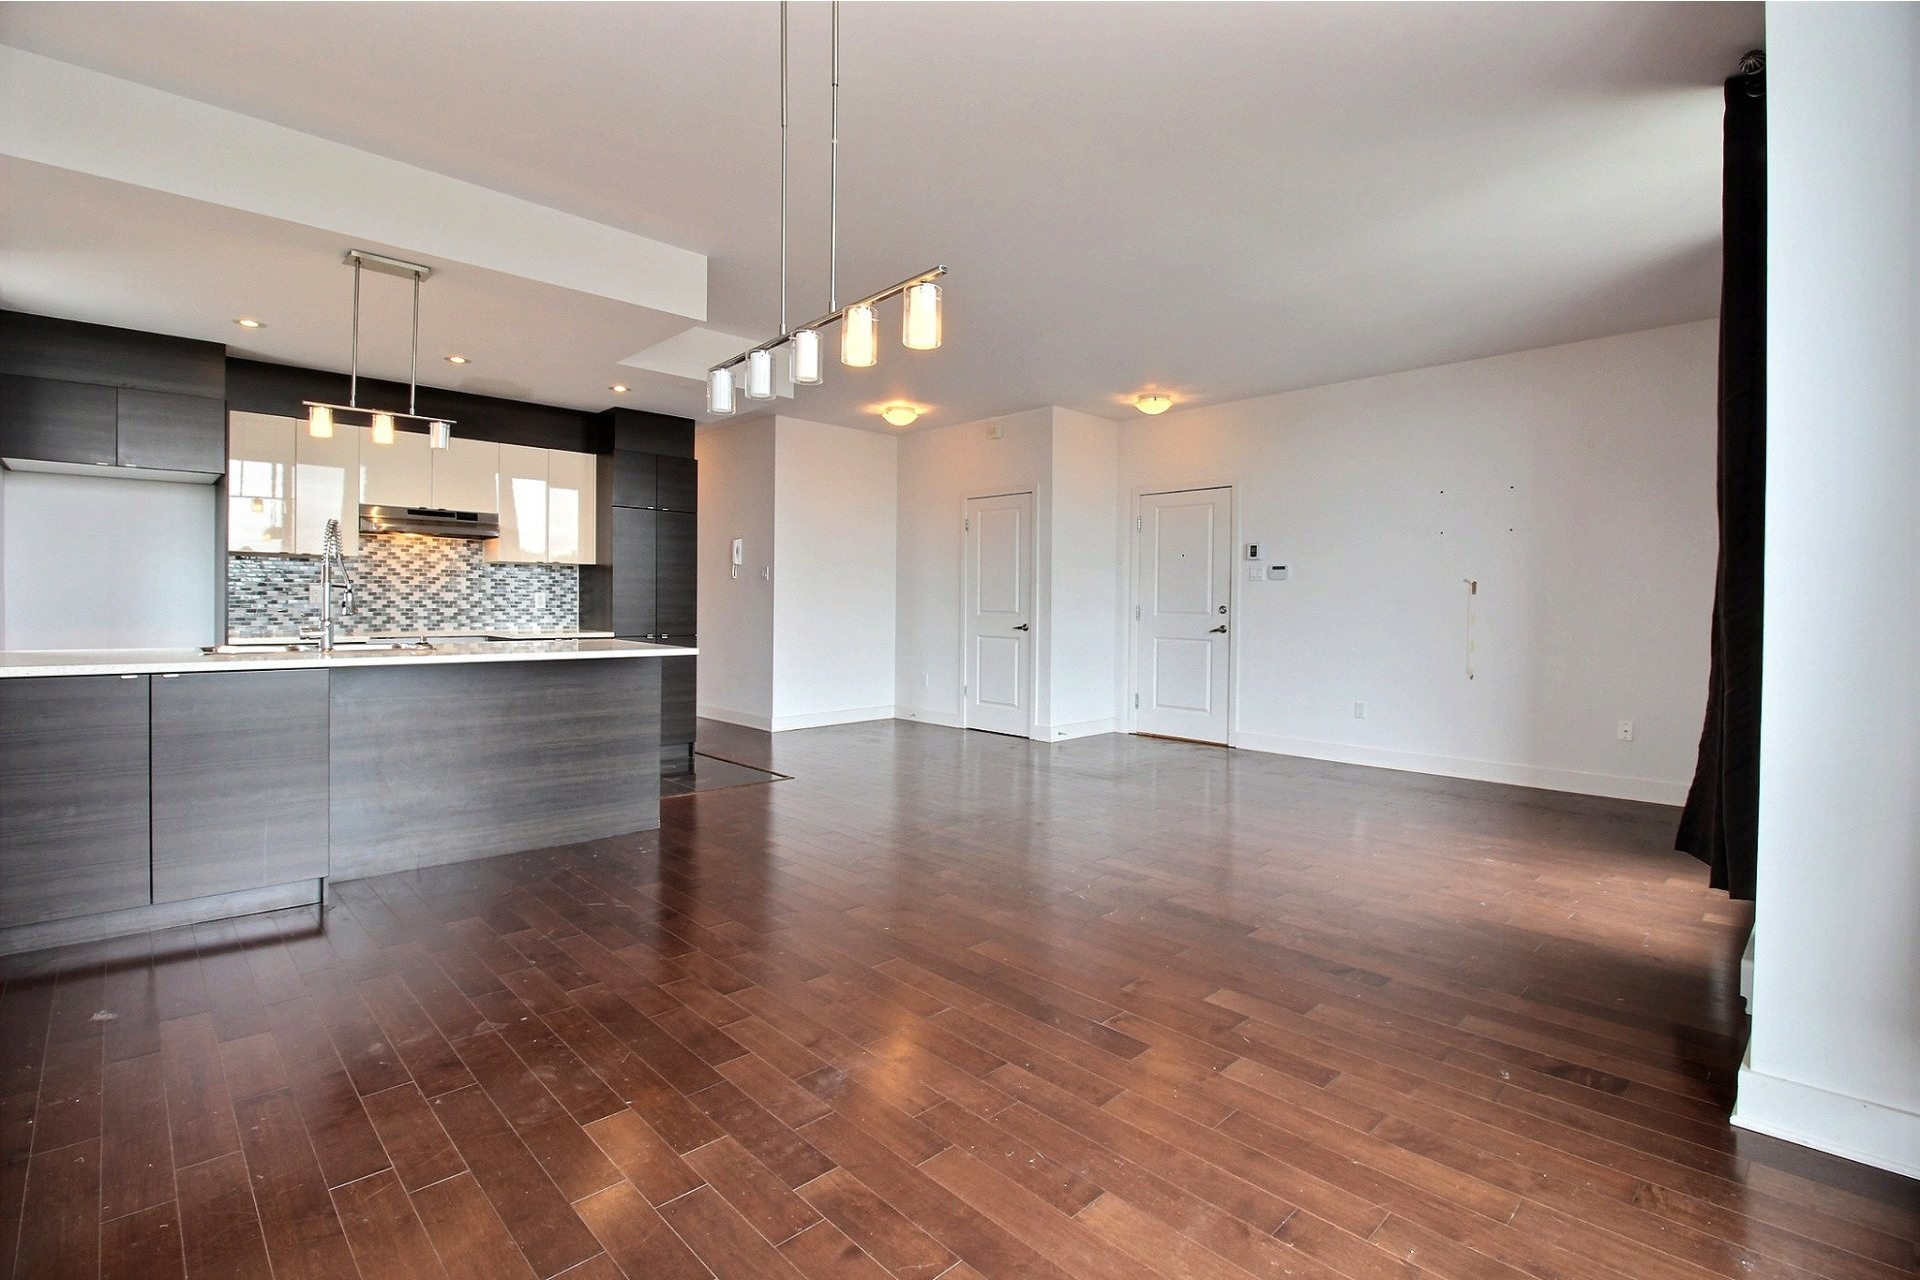 image 5 - Appartement À louer Montréal Villeray/Saint-Michel/Parc-Extension  - 6 pièces